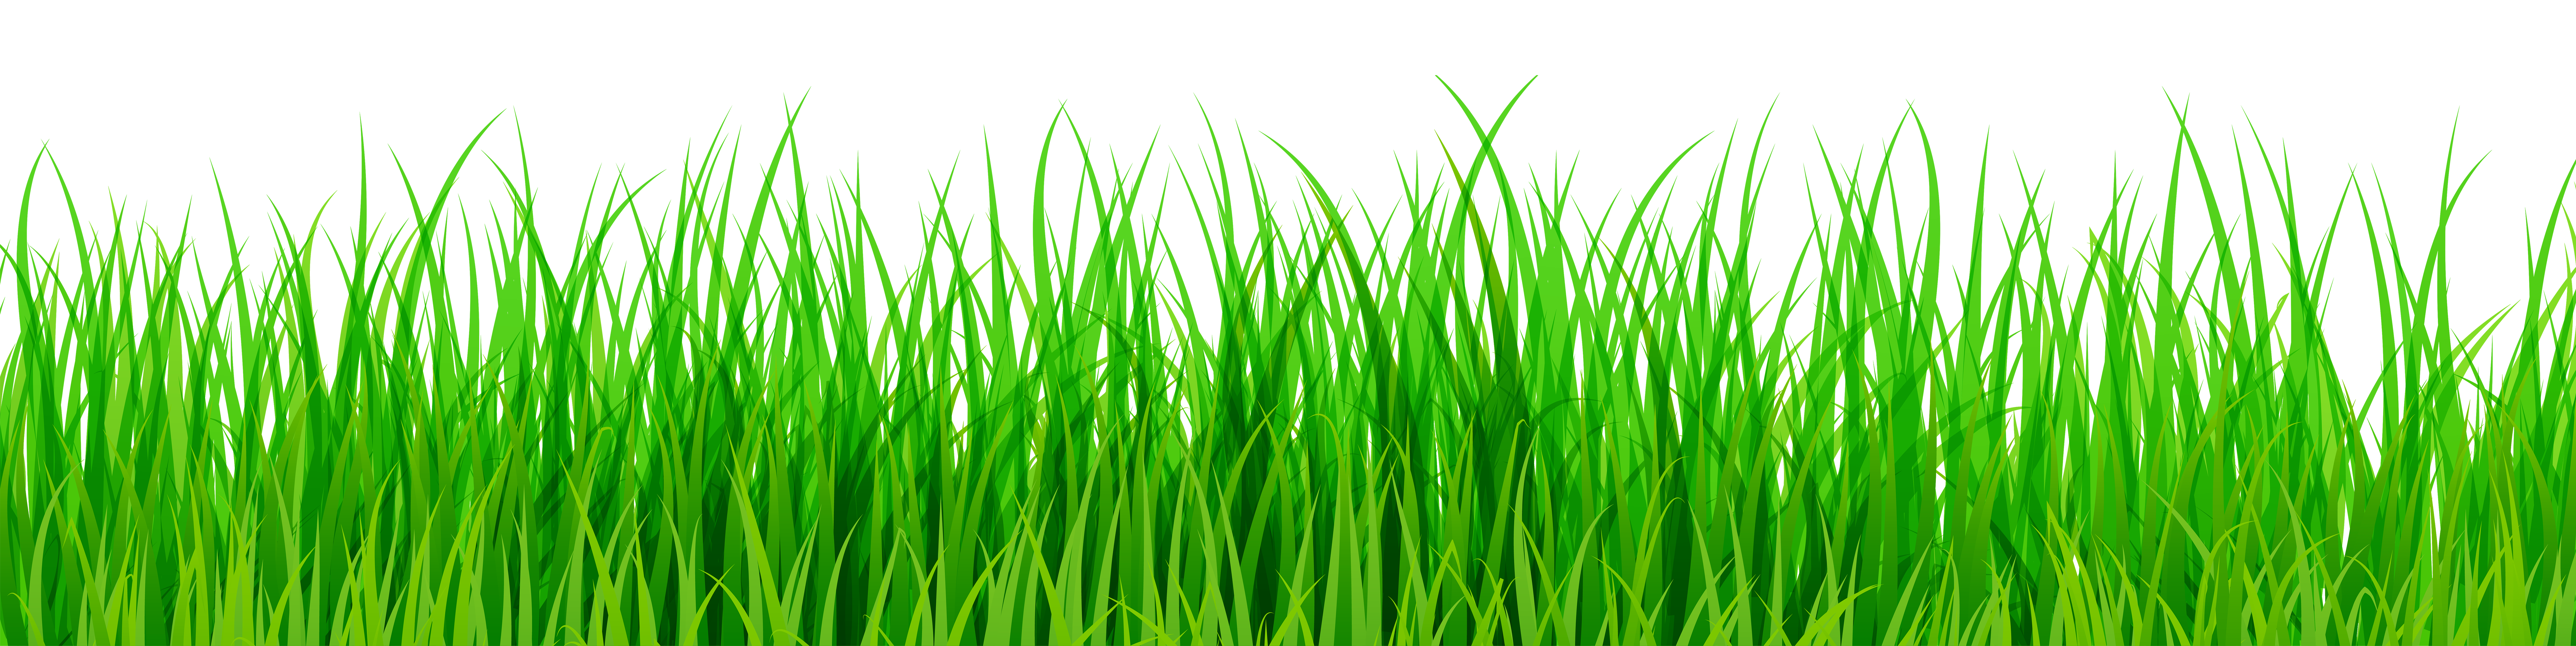 Png clip art best. Clipart grass green grass